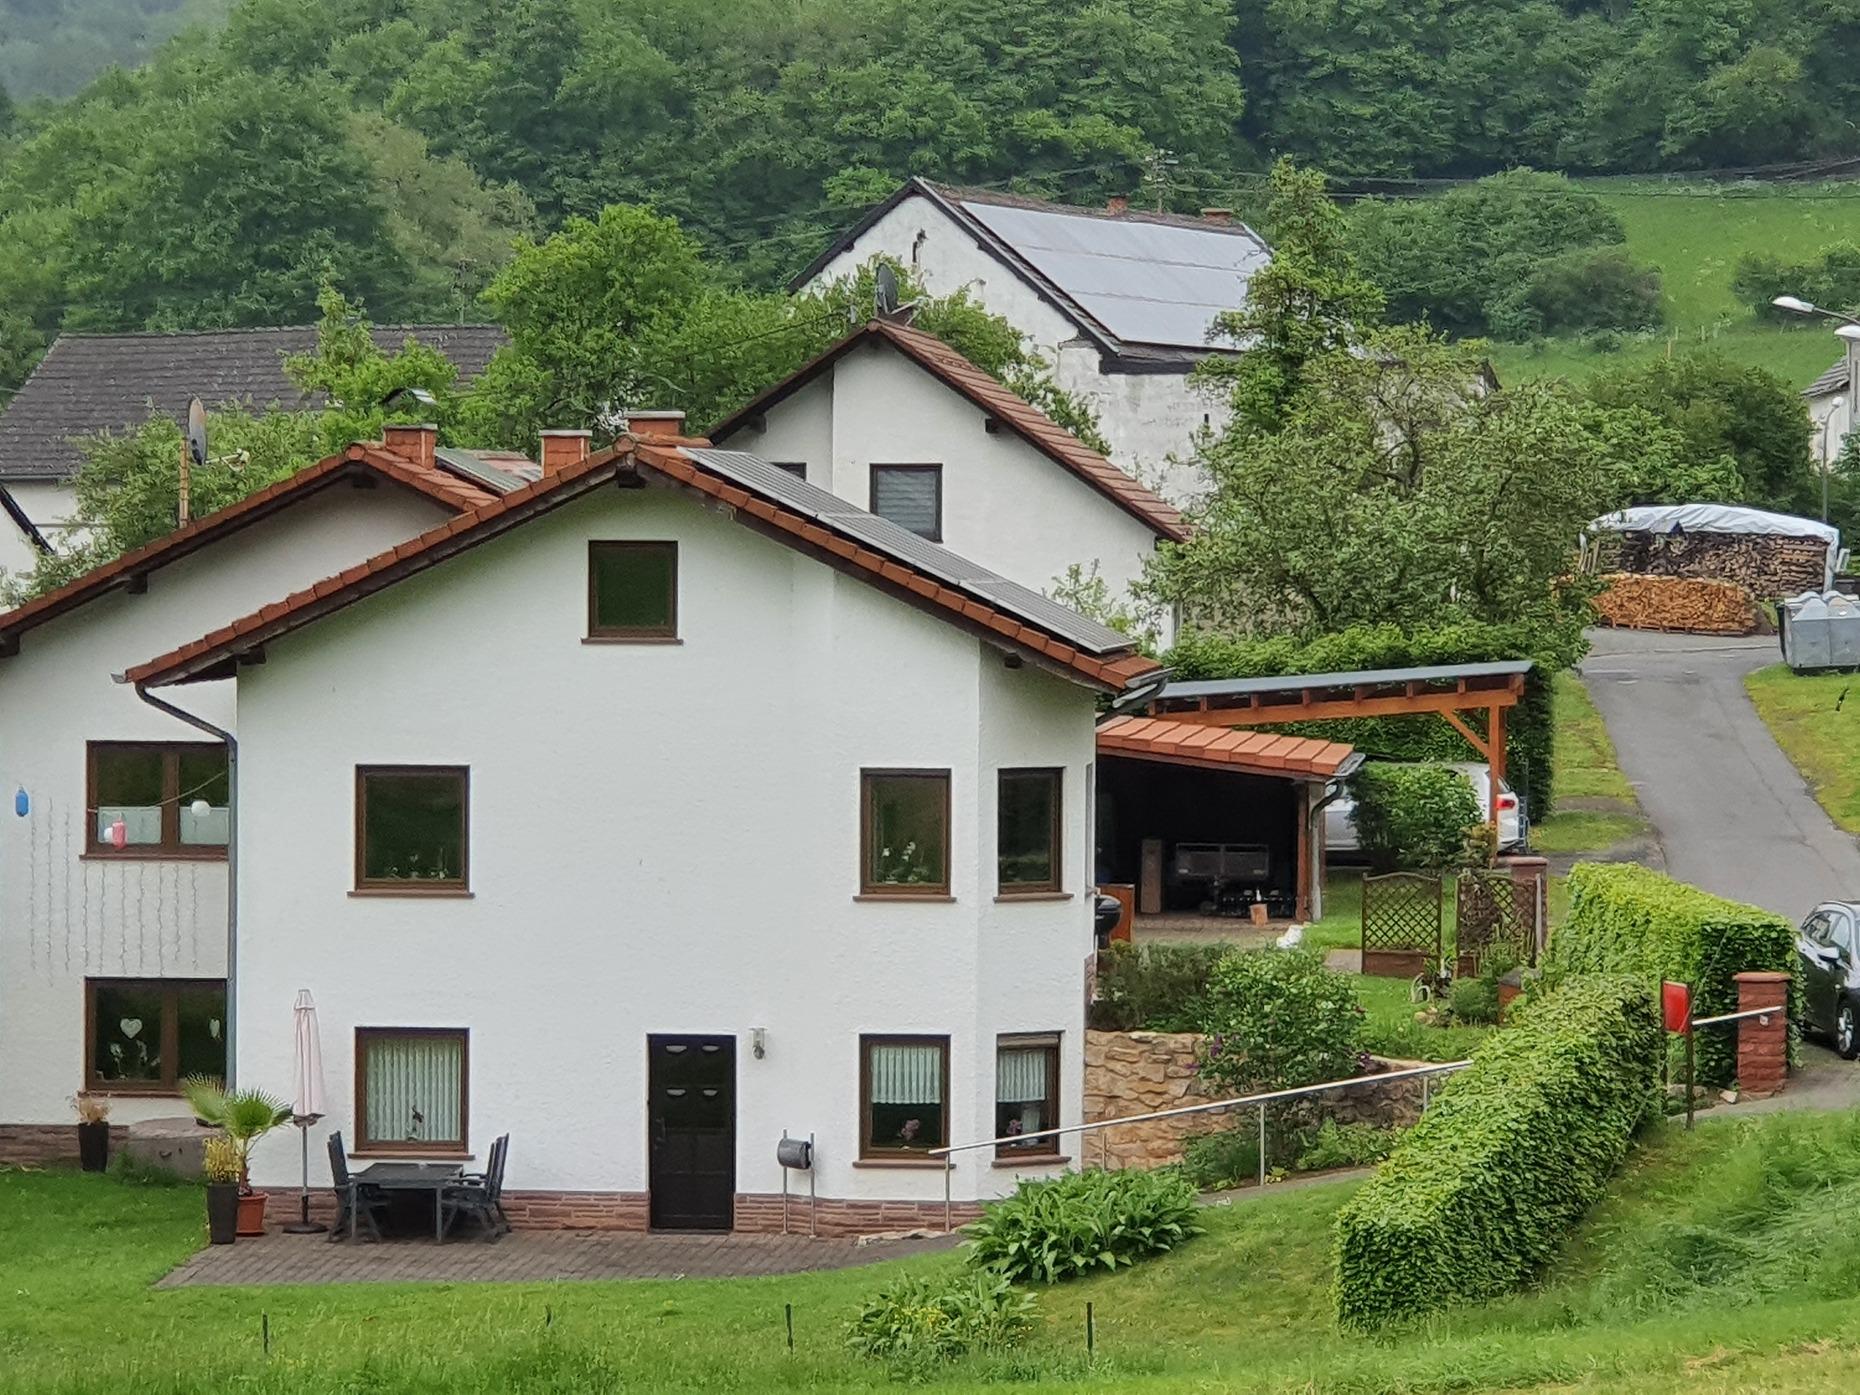 Eifel Ferienwohnung Dahmen Ferienwohnung  Eifel Rheinland Pfalz